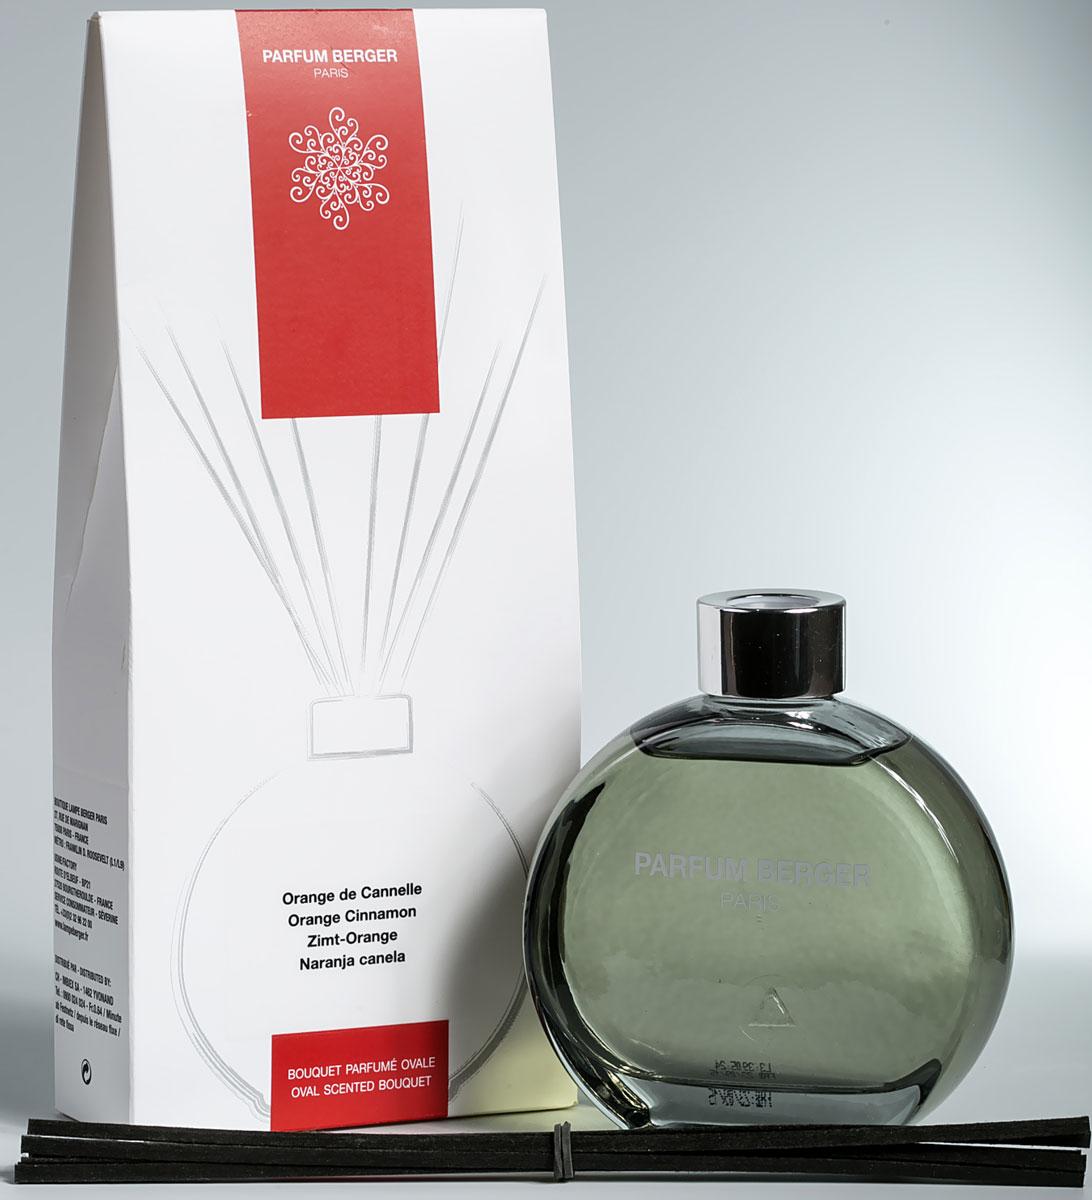 Диффузор ароматический Parfum Berger Апельсин с корицей, 180 мл2000000047454Апельсин с корицей. Верхние: апельсин, имбирь, корица; средние: мускатный орех, бобы тонка; нижние: мускус, ваниль, кокос. Комплект состоит из подарочной коробочки, стеклянного, слегка тонированного в нежный графитовый цвет флакона объемом 180 мл, что напоминает по своей форме известные духи от дома ароматов Шанель (Chanel), изысканной аромажидкости и комплекта полимерных палочек. Особенность данных диффузоров в применении инновационных полимерных палочек, что эффективнее любых тростниковых в 5 раз, что доказано исследованиями и тестированием эффективности ароматизации. Остаточных эффект от аромажидкости остается в полимерных палочках еще на протяжении более 2-х недель и продолжает вас радовать, пока вы не дольете во флакон свой любимый аромат.